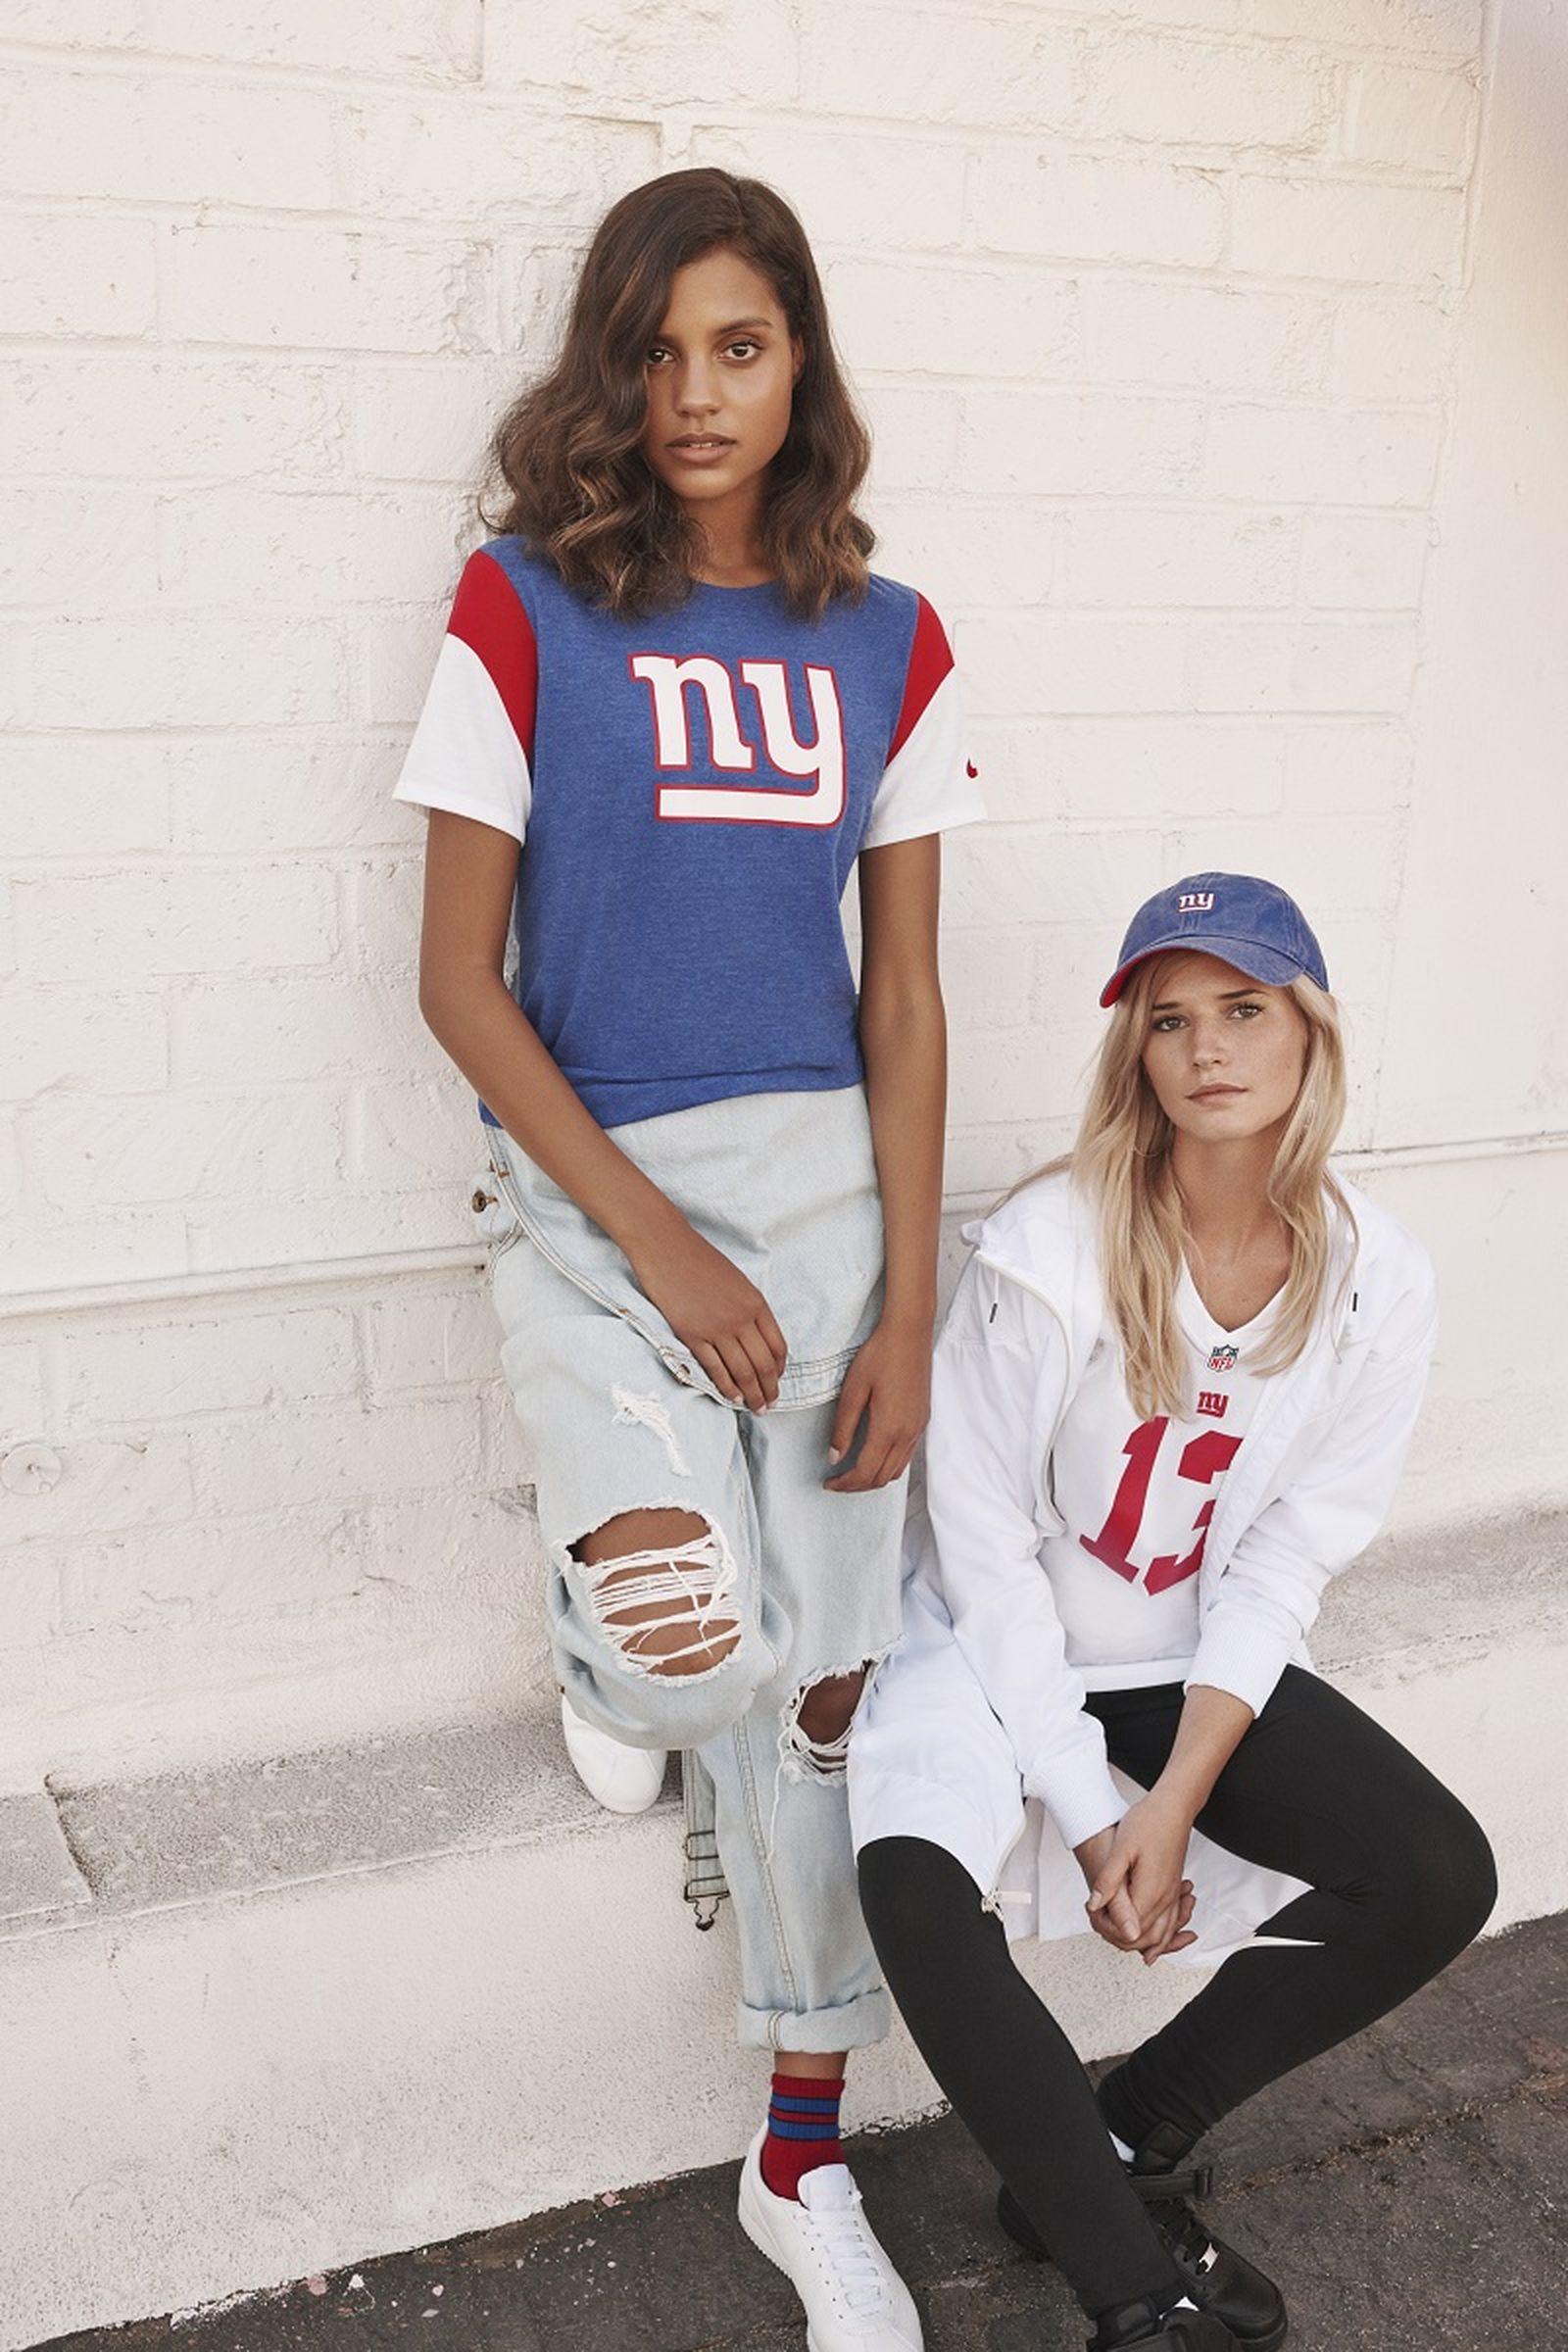 nike women's nfl jersey